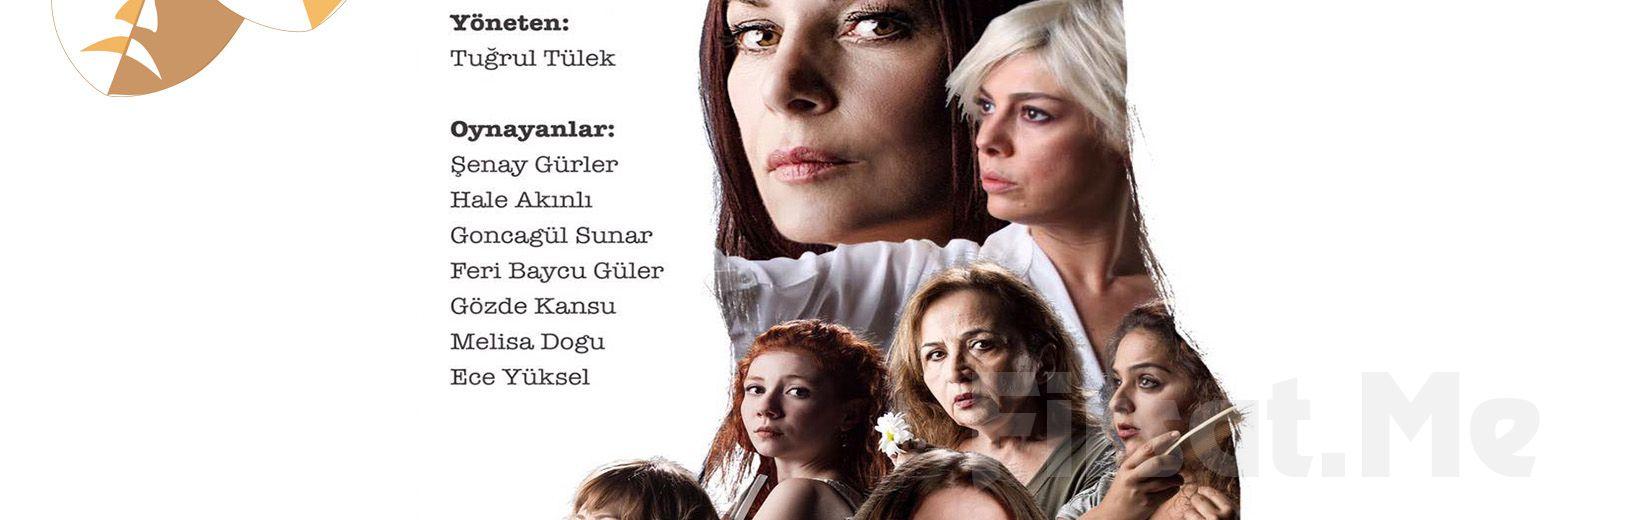 7 Şahane Kadınla ''Nereye Gitti Bütün Çiçekler?'' Tiyatro Oyunu Bileti!